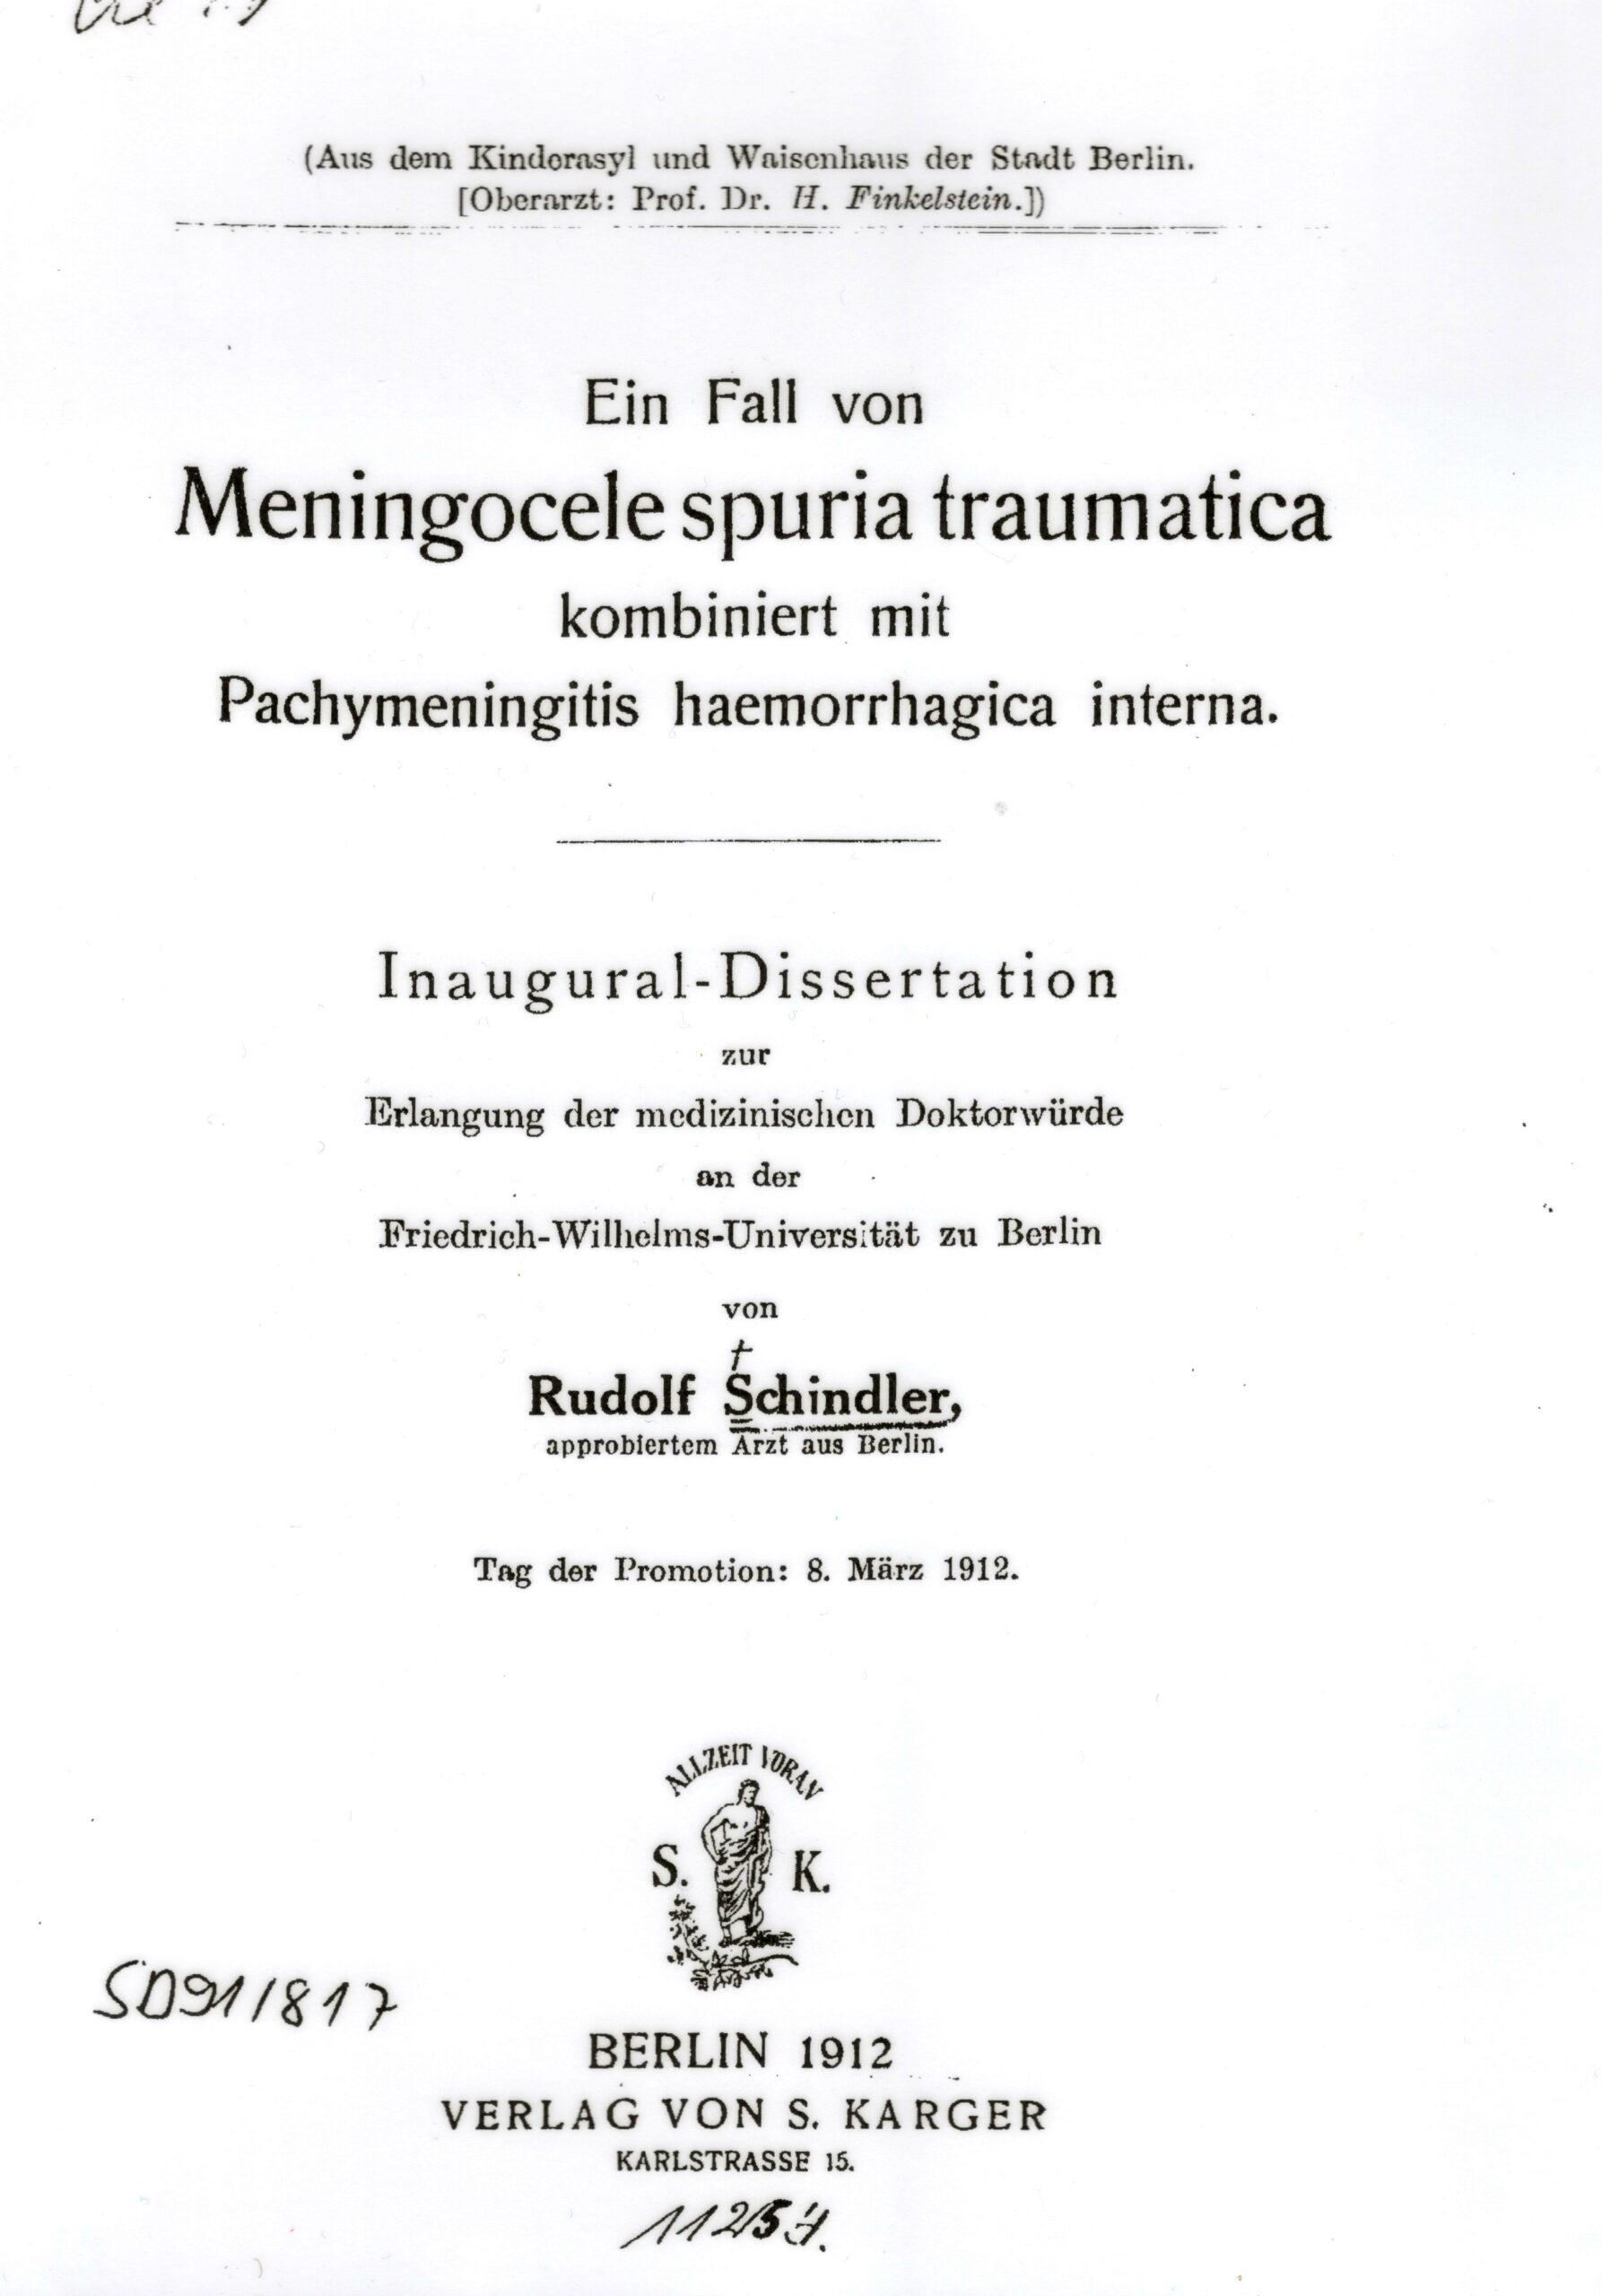 Dissertation, Berlin 1912